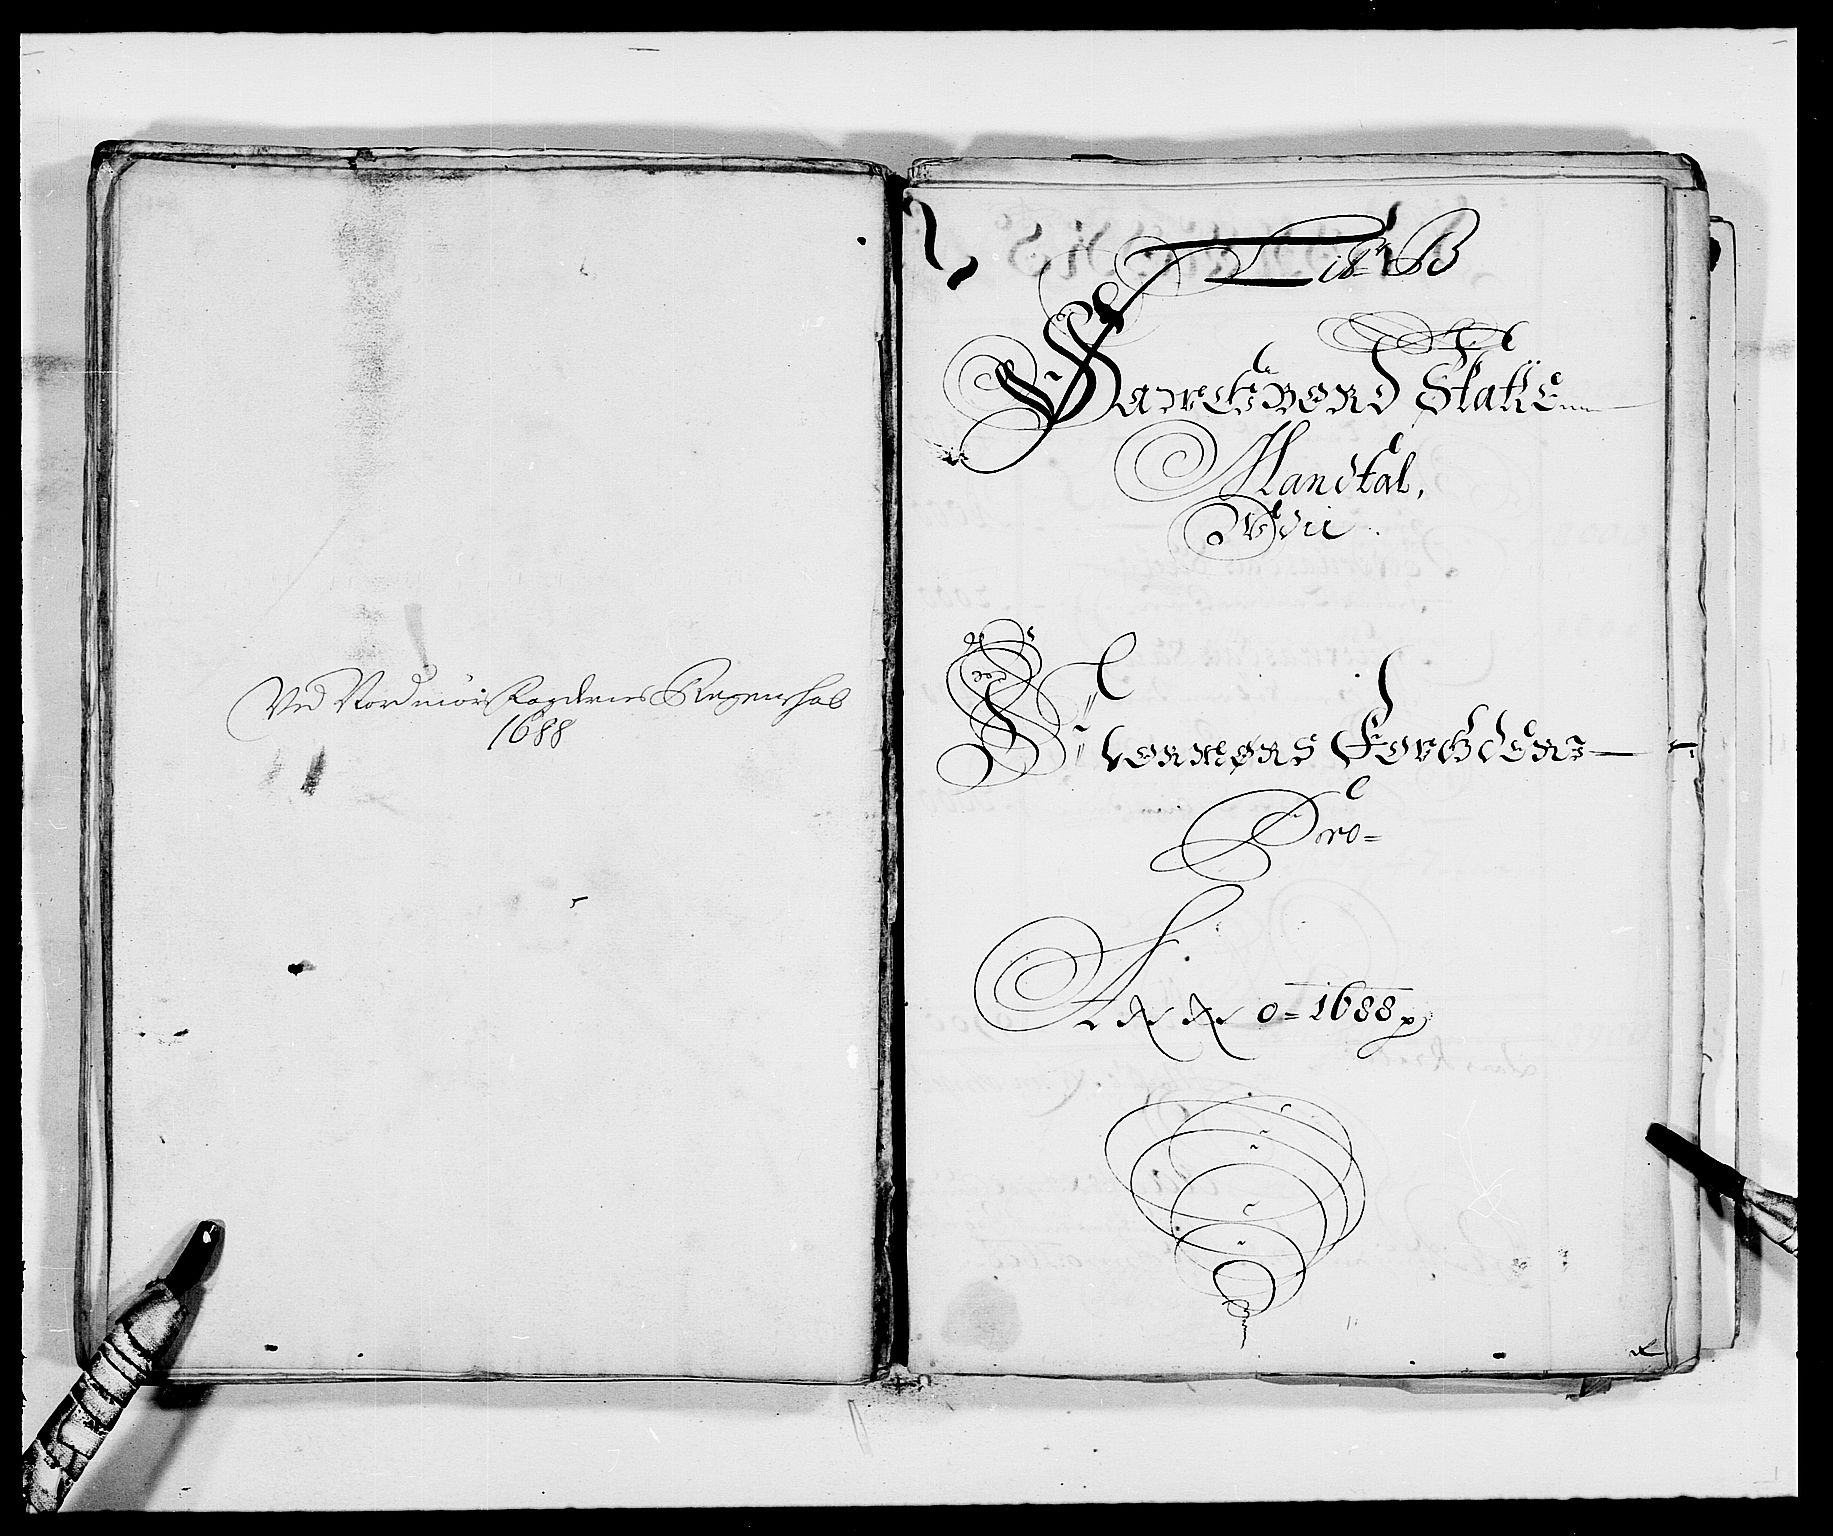 RA, Rentekammeret inntil 1814, Reviderte regnskaper, Fogderegnskap, R56/L3733: Fogderegnskap Nordmøre, 1687-1689, s. 229